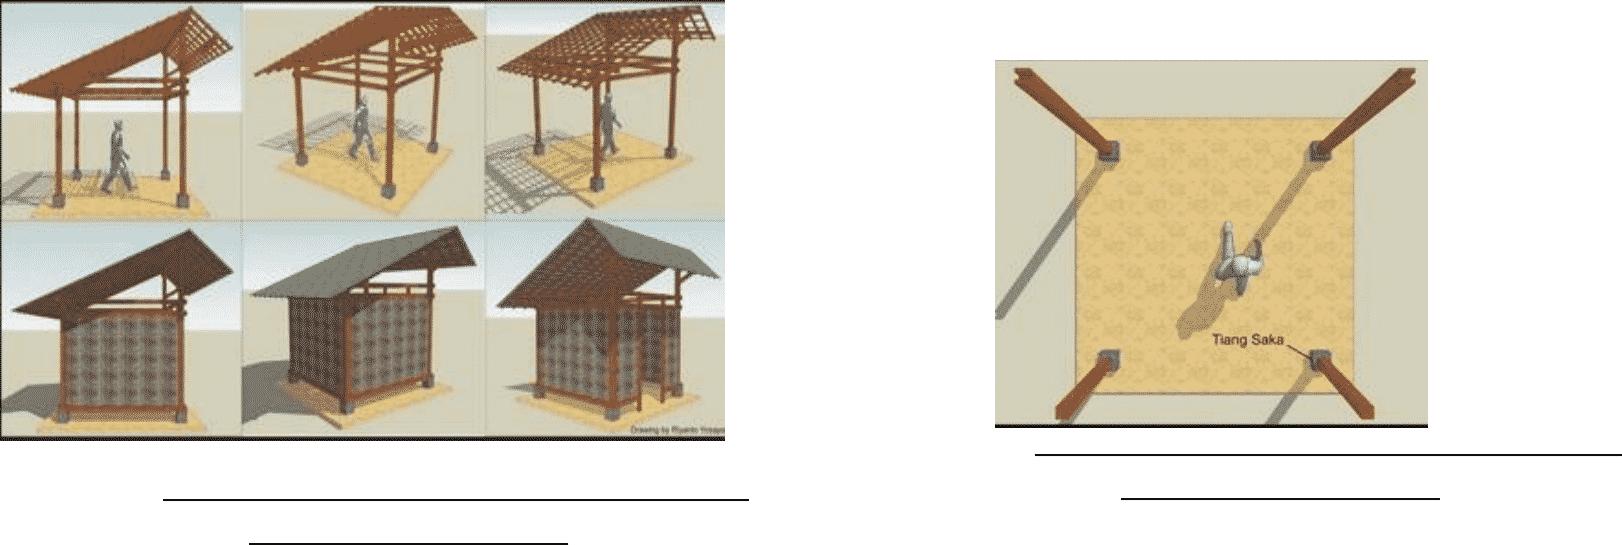 Rumah-Adat-Panggang-Pe